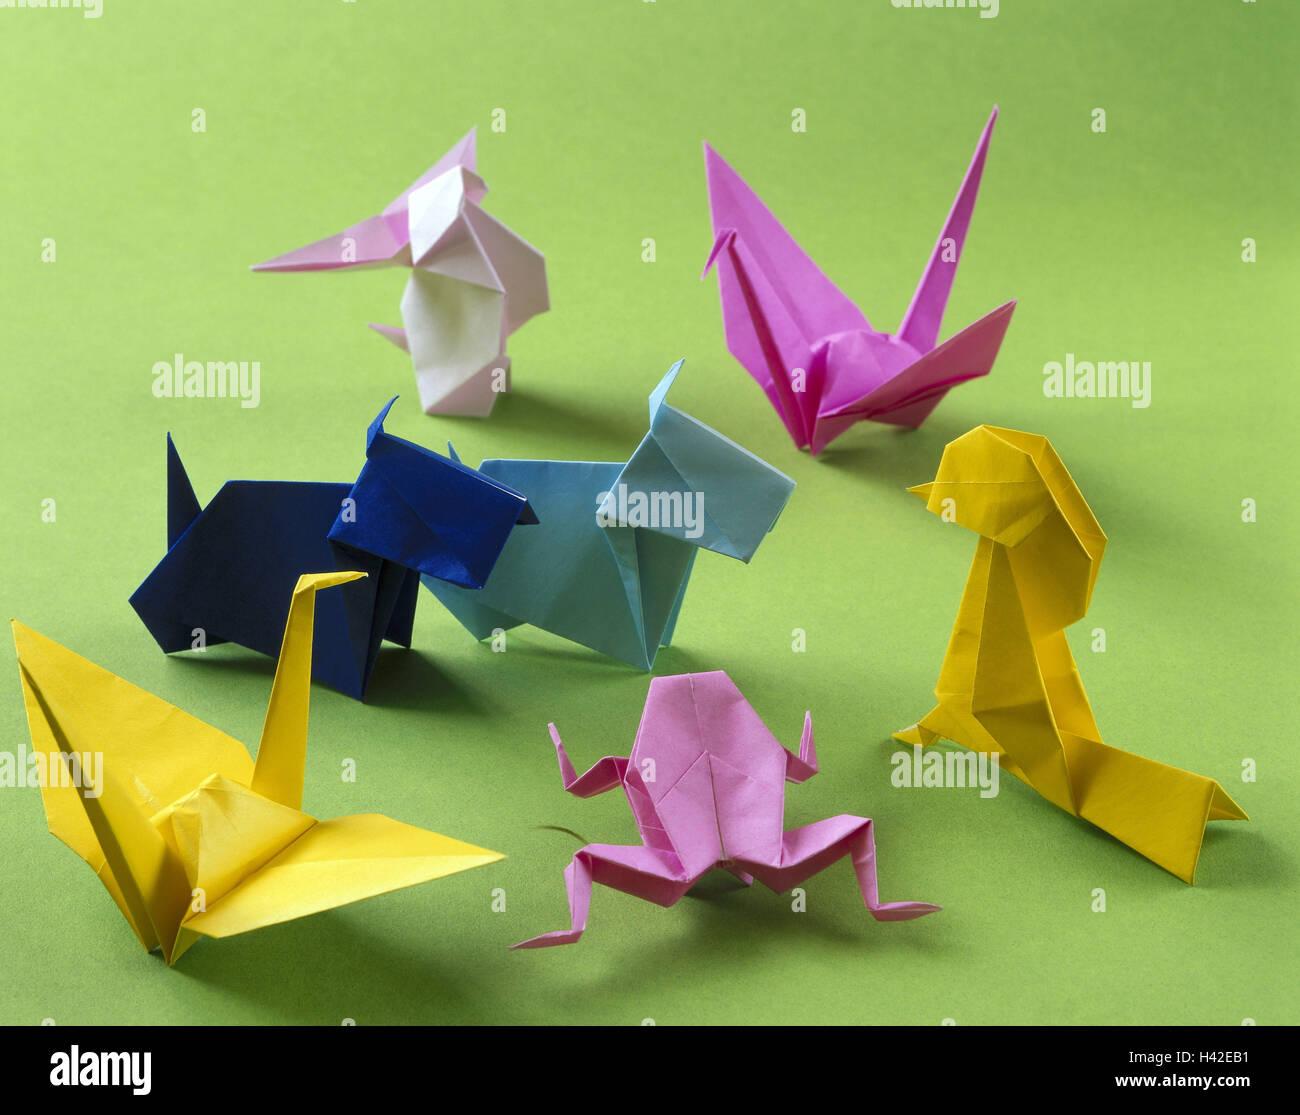 Origami Die Japanische Papierfalten Kunst Tiere Anders Bunt